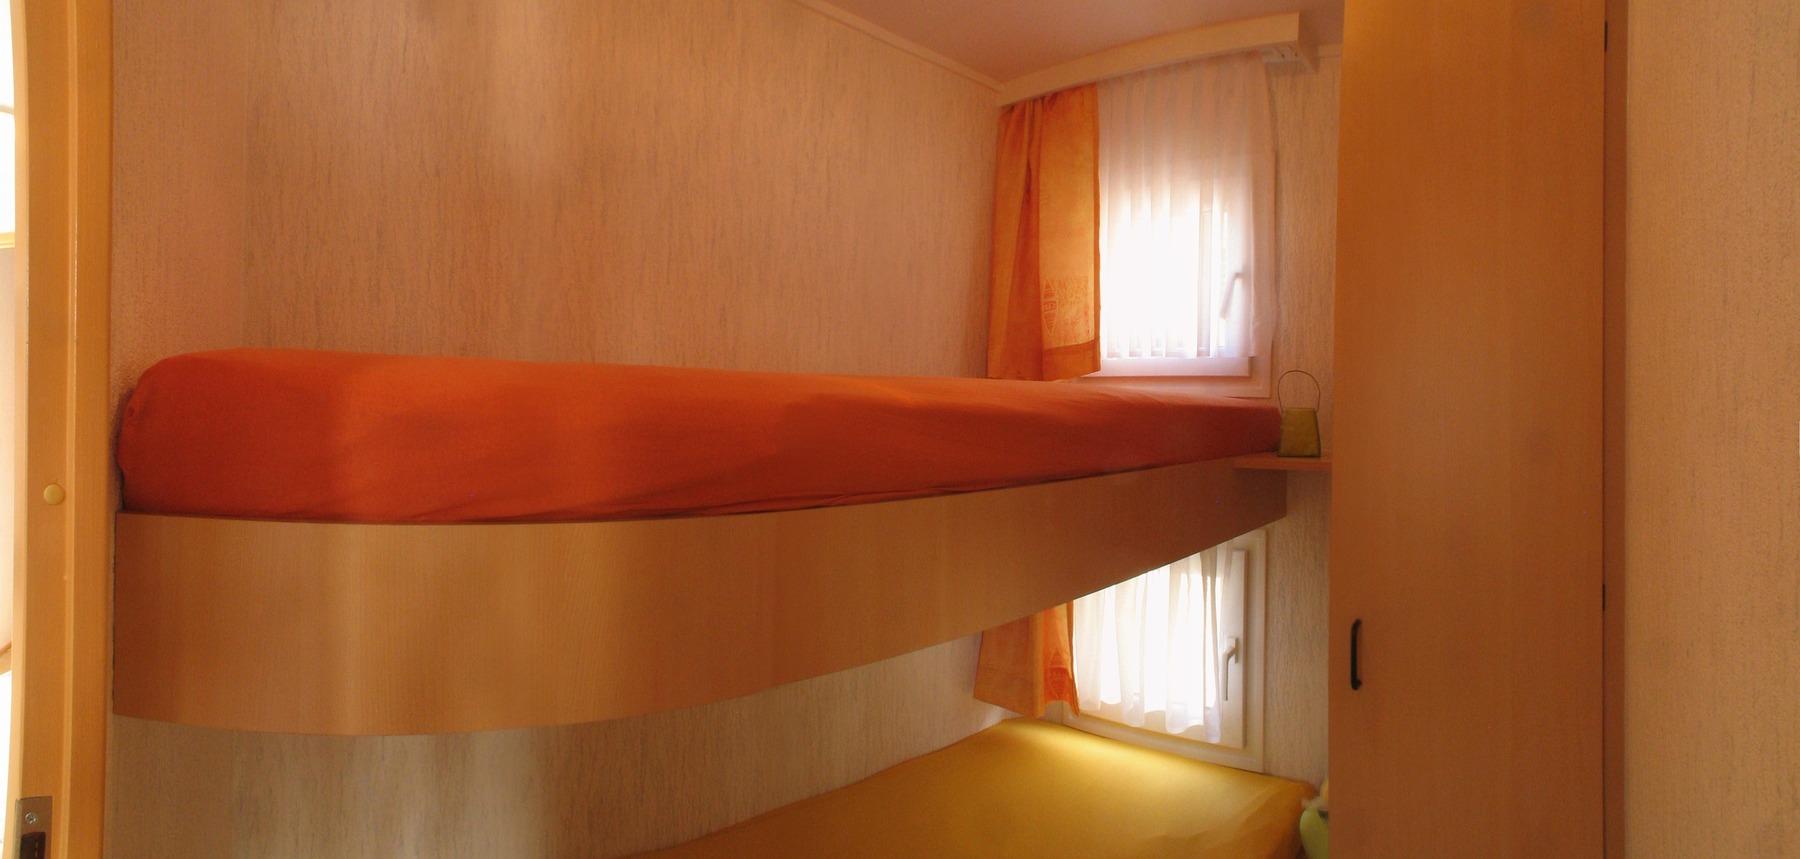 Kinderzimmer im tobs 1080 mobilheim - Stockbetten kinderzimmer ...